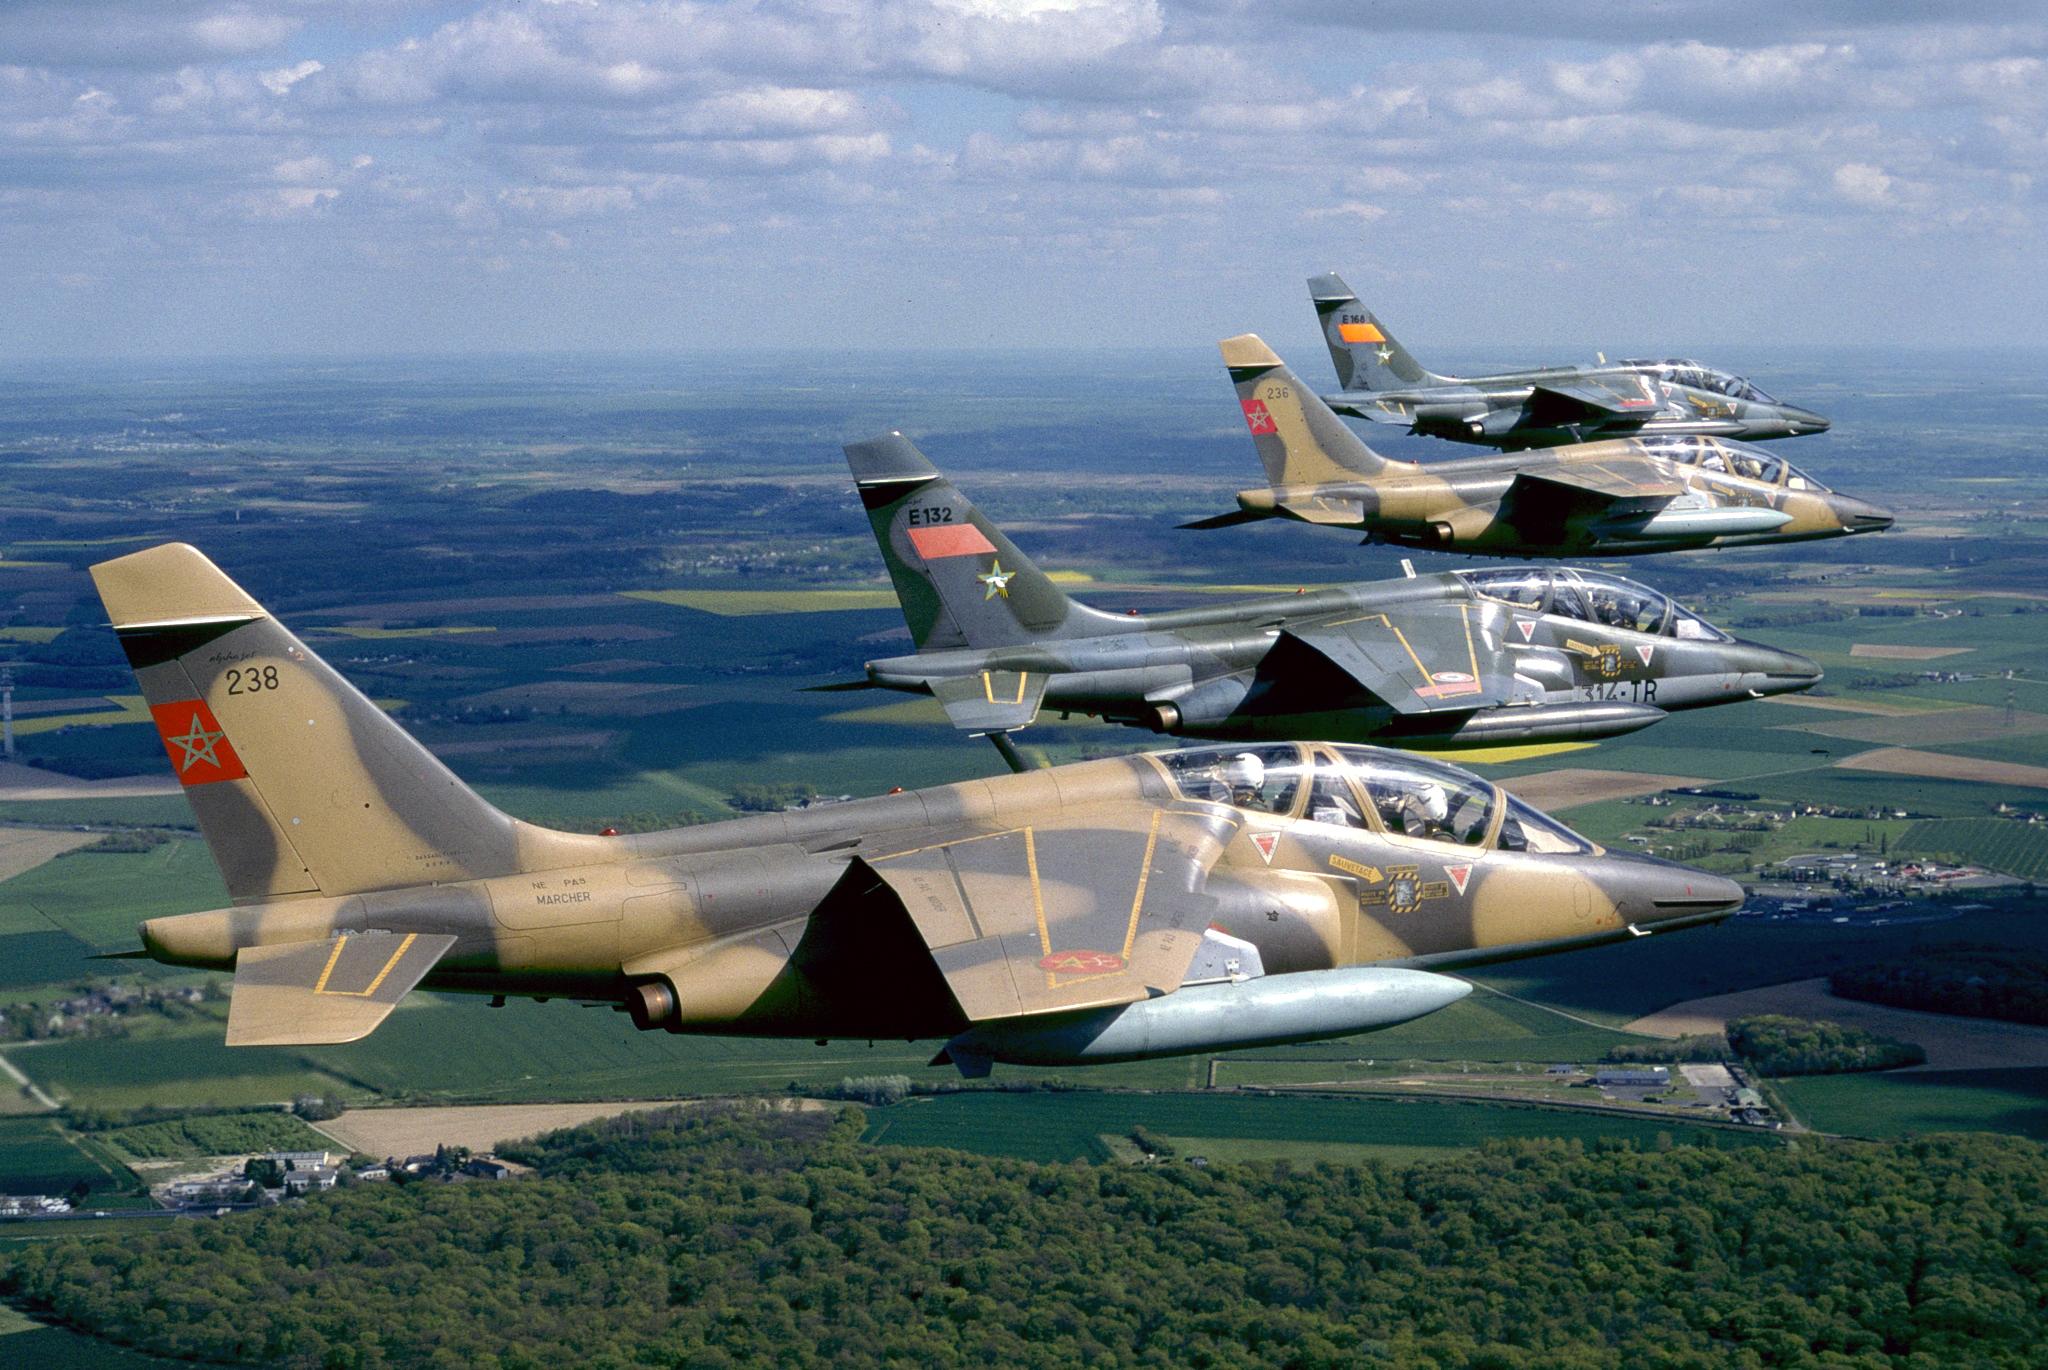 FRA: Photos avions d'entrainement et anti insurrection - Page 8 160130040206272095